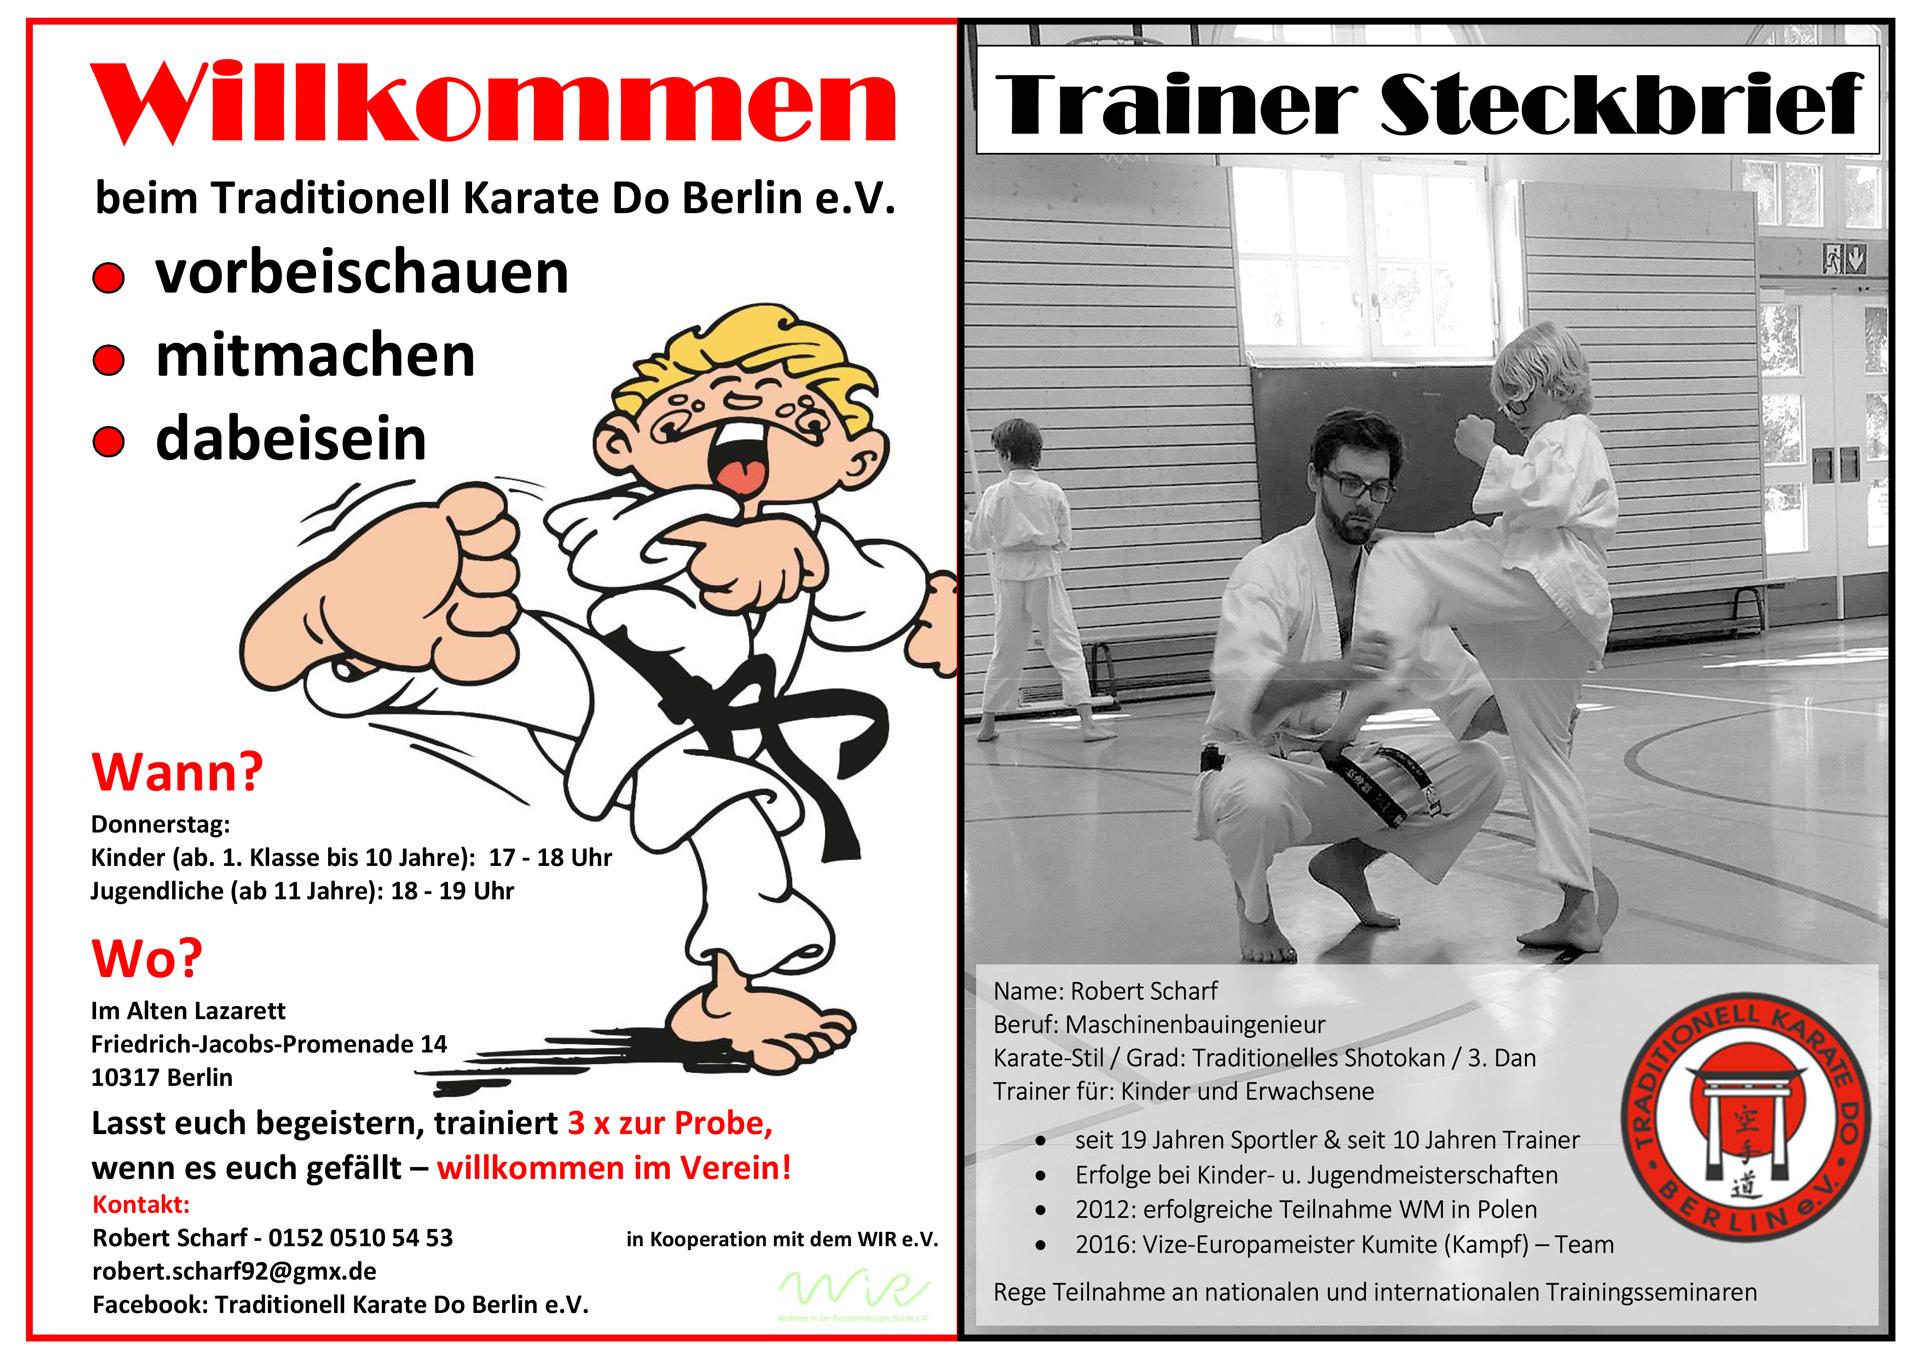 WiR – Wohnen in der Rummelsburger Bucht Nachbarschaftsverein – Traditionelles Karate in der Rummelsburger Bucht